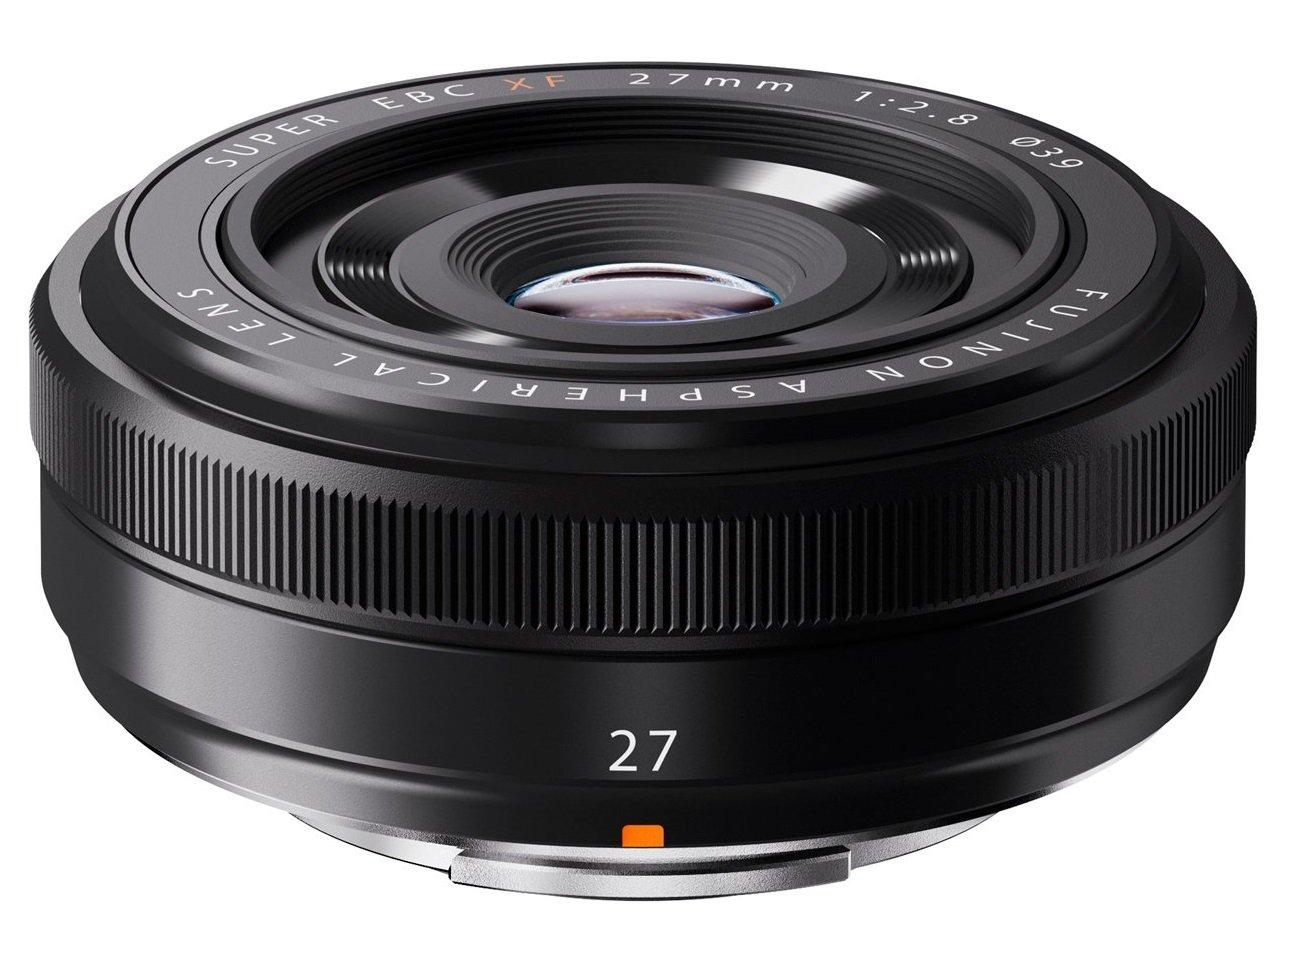 素敵な FUJIFILM XF27mmF2.8 単焦点広角レンズ XF27mmF2.8 B ブラック B ブラック ブラック B00DLQVUXQ, Dream Pocket -ドリームポケット-:8dfecb82 --- arianechie.dominiotemporario.com